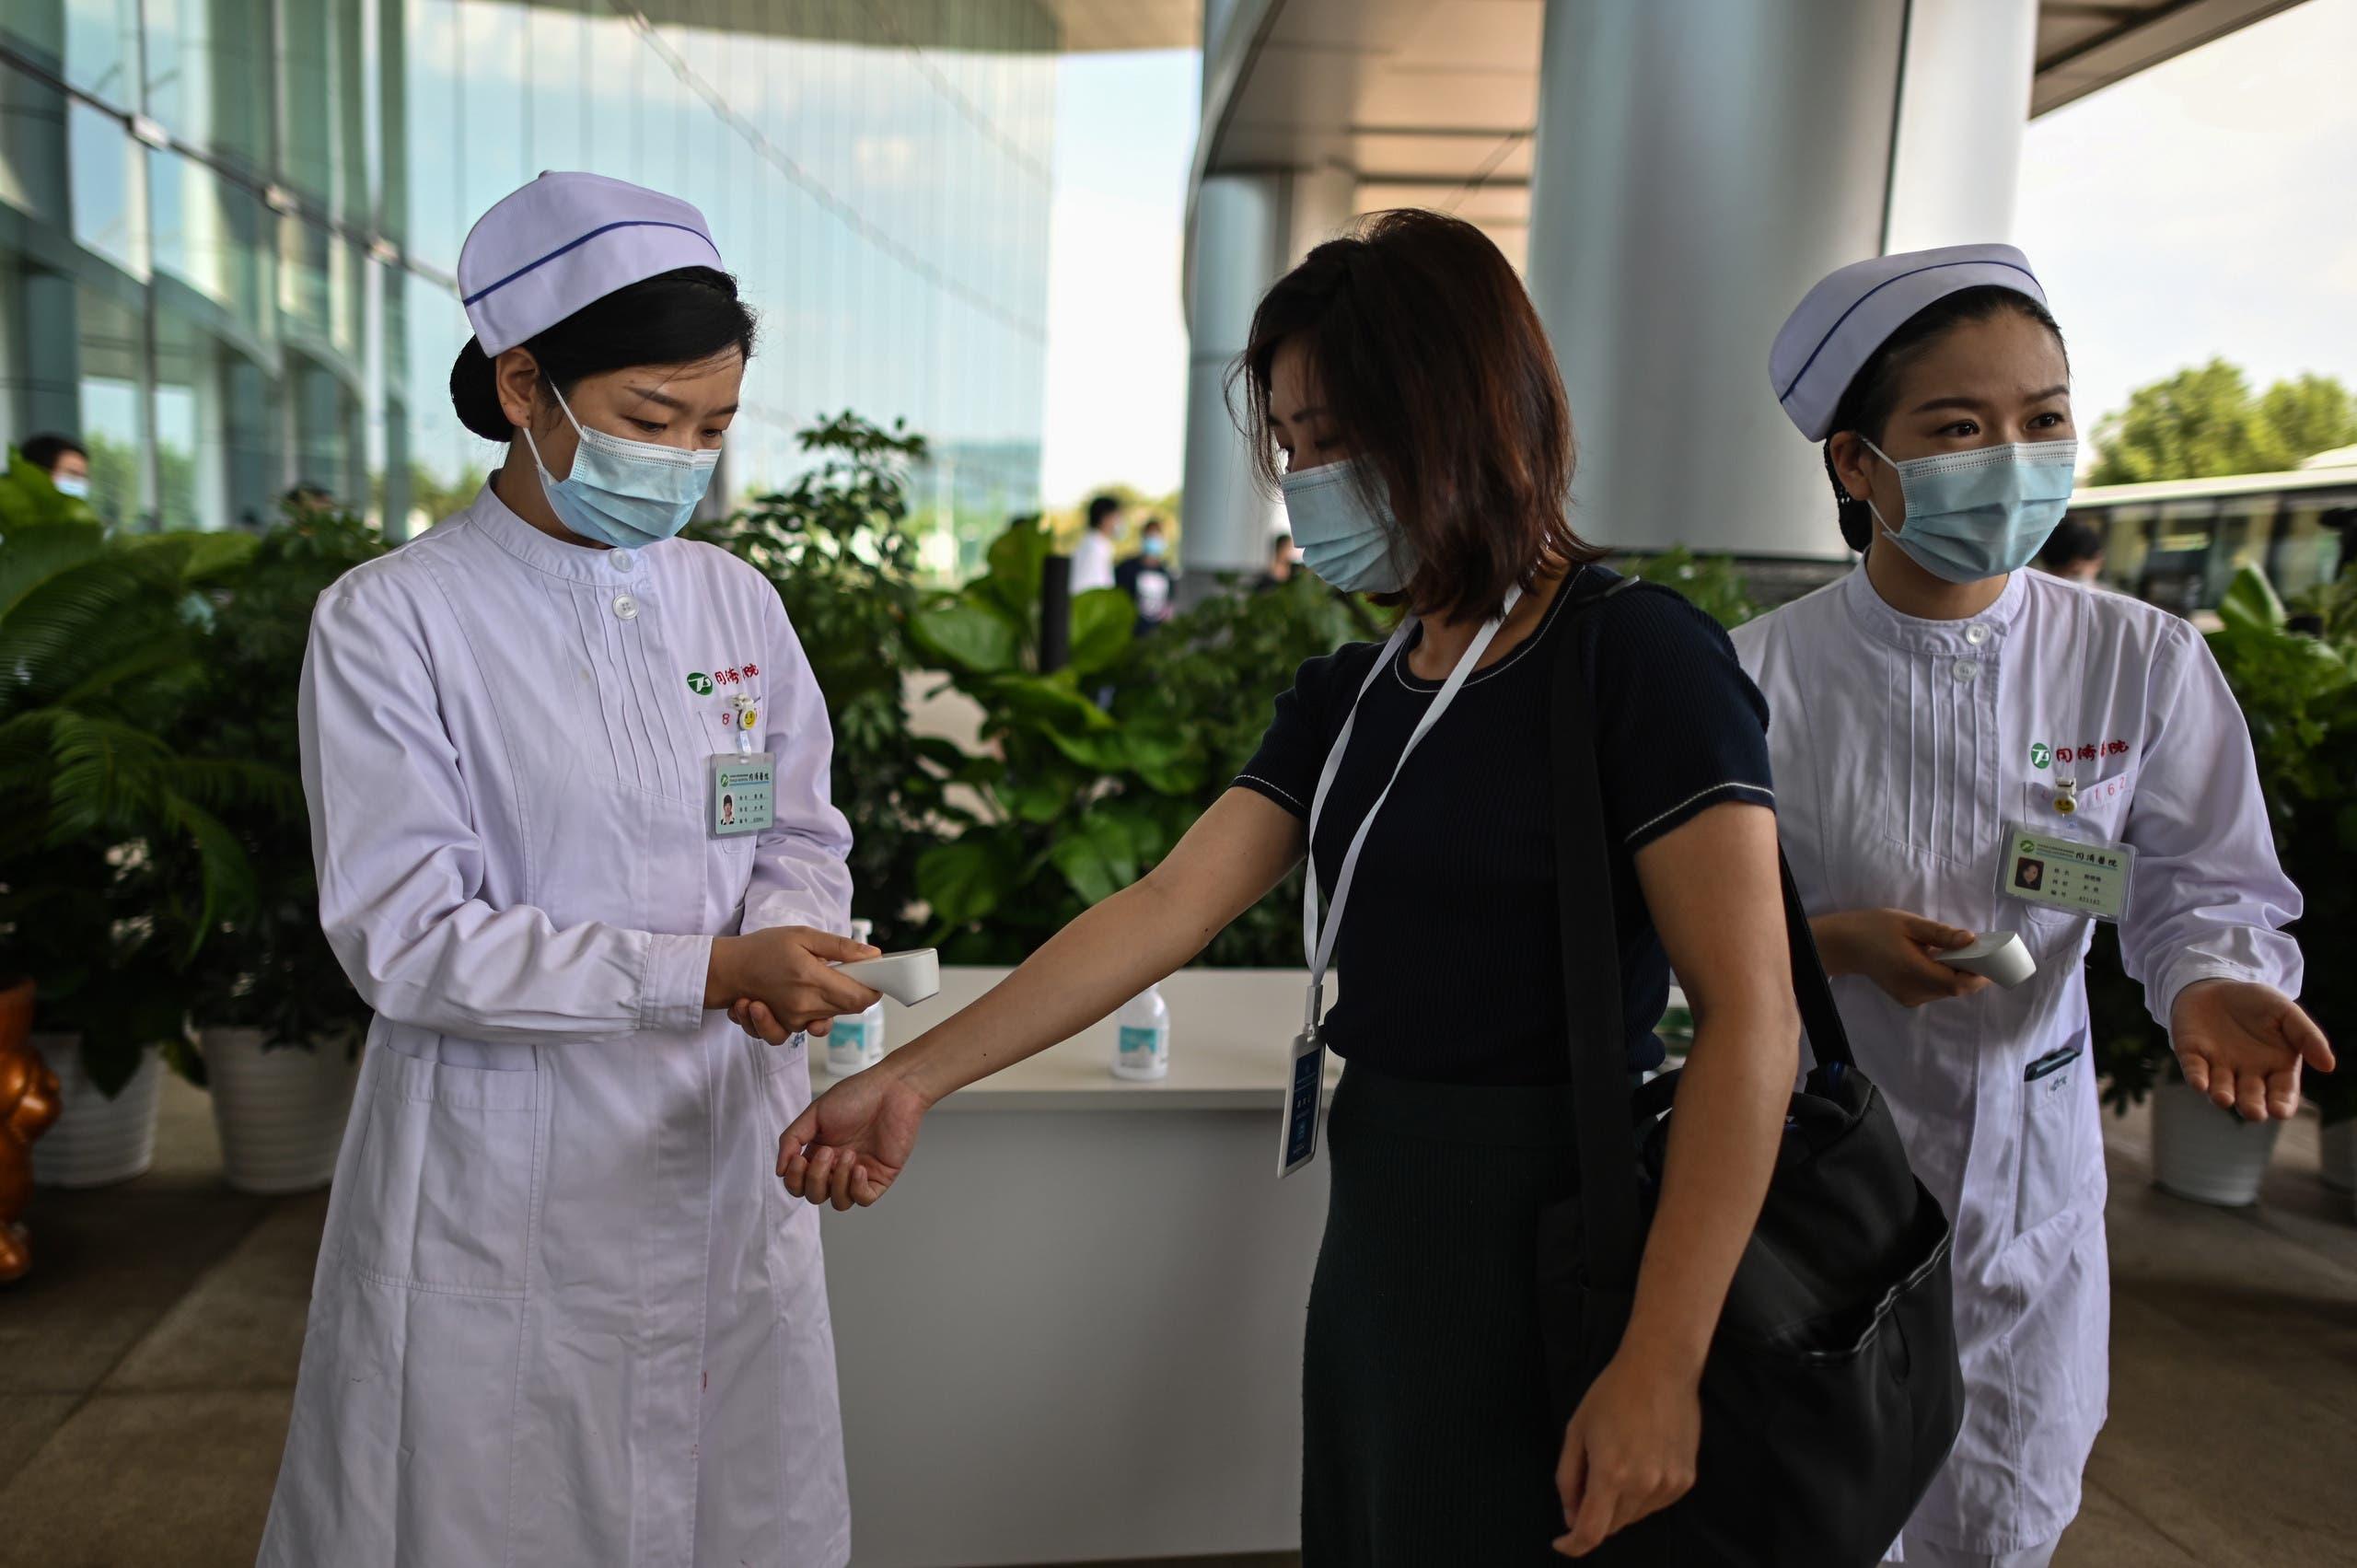 فحص حراراة الزوار على مدخل مستشفى في ووهان الصينية